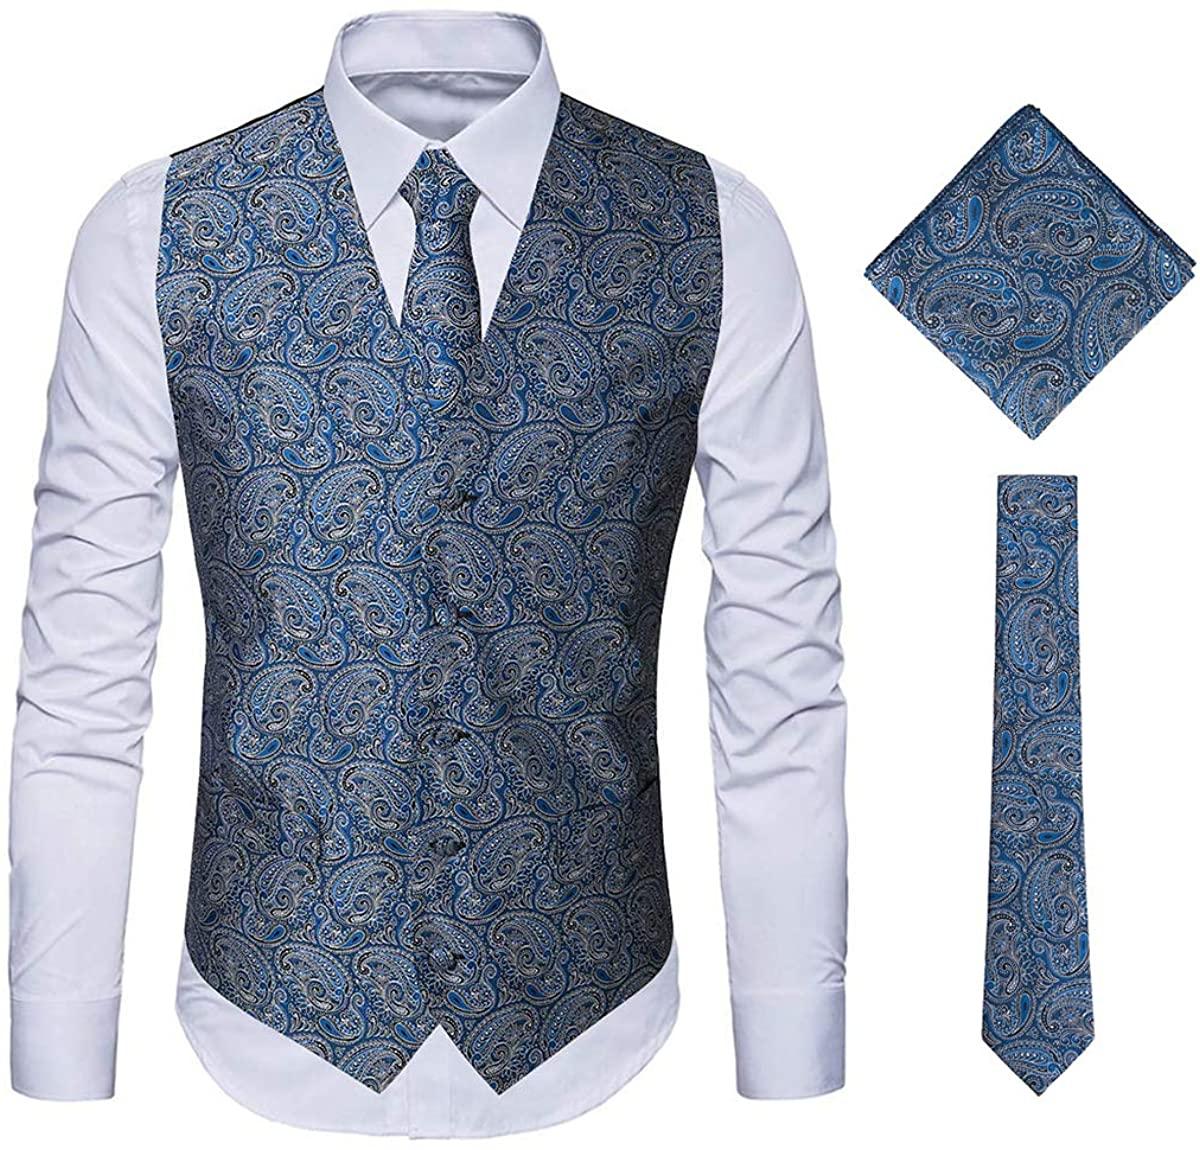 MAGE MALE Men's 3pc Paisley Vest Floral Jacquard Vest Waistcoat Necktie Pocket Square Set for Suit or Tuxedo